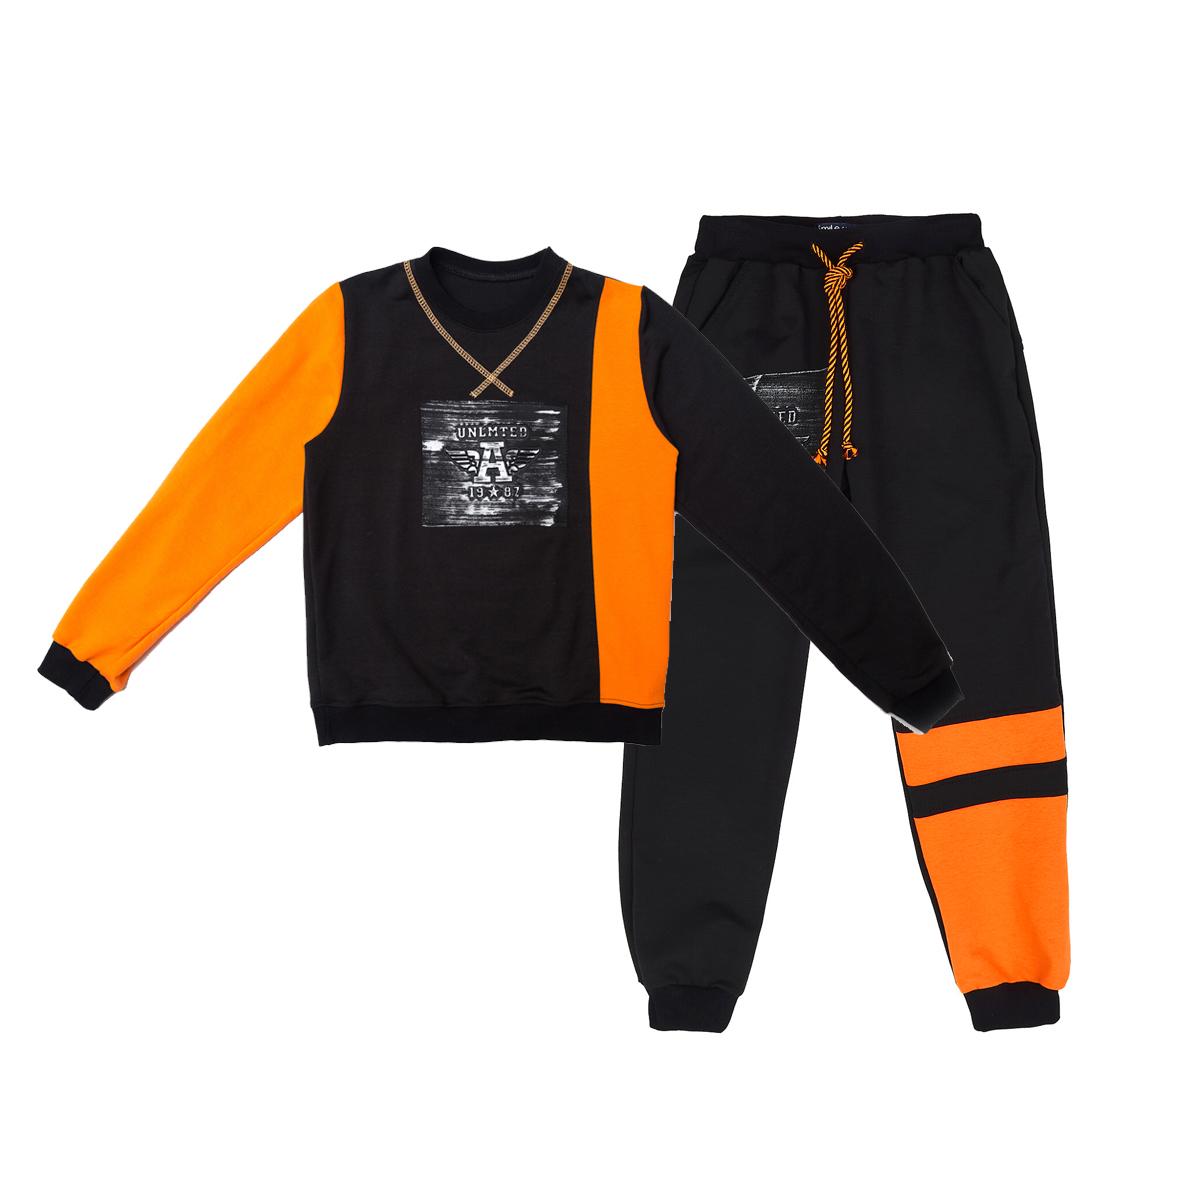 Комплект ST для мальчика Unlimeted, черный с оранжевым